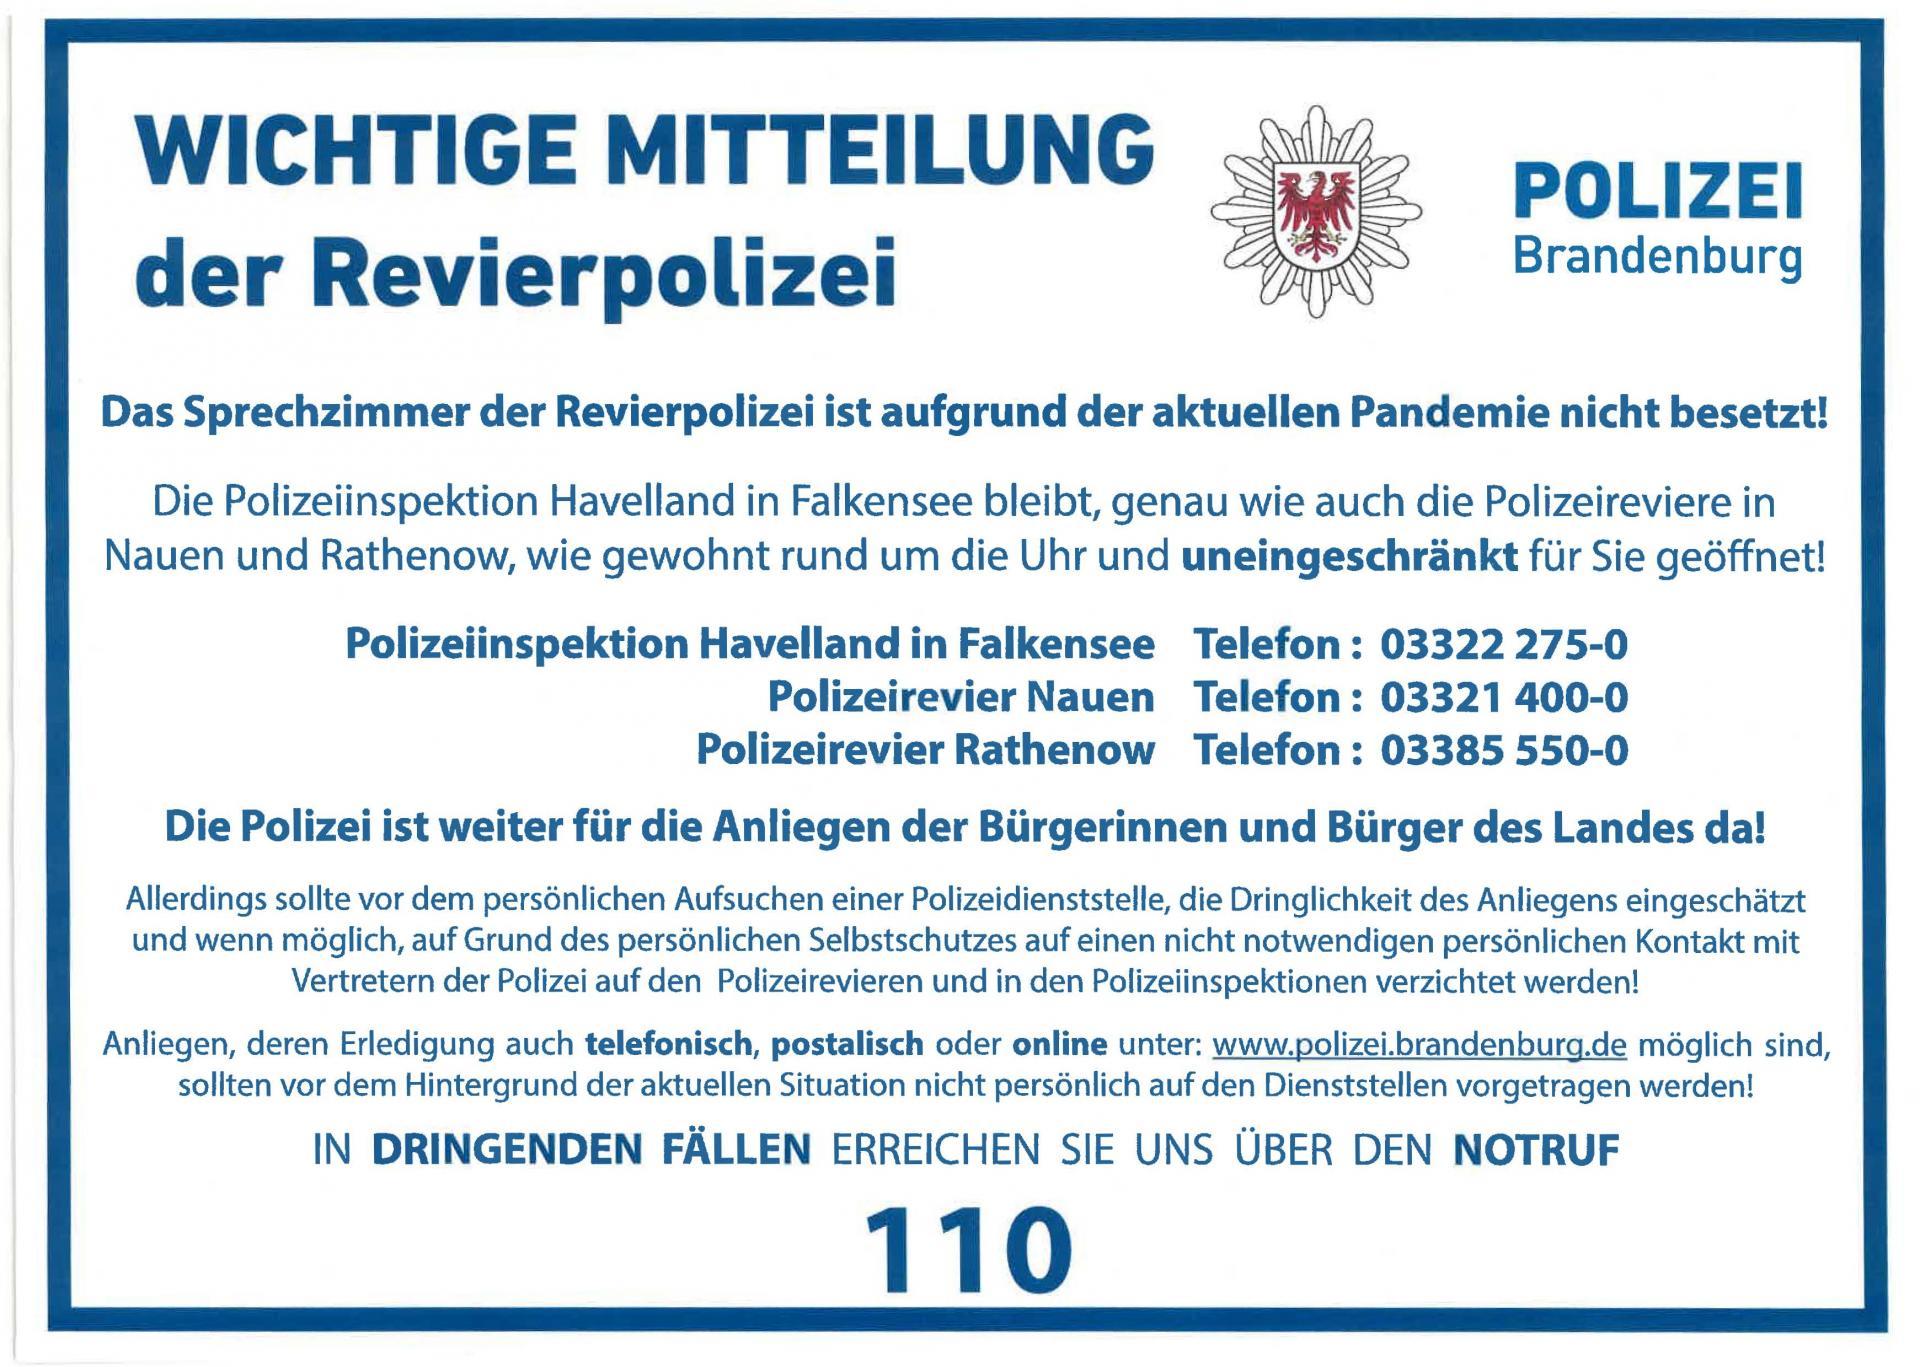 Mitteilung der Polizei